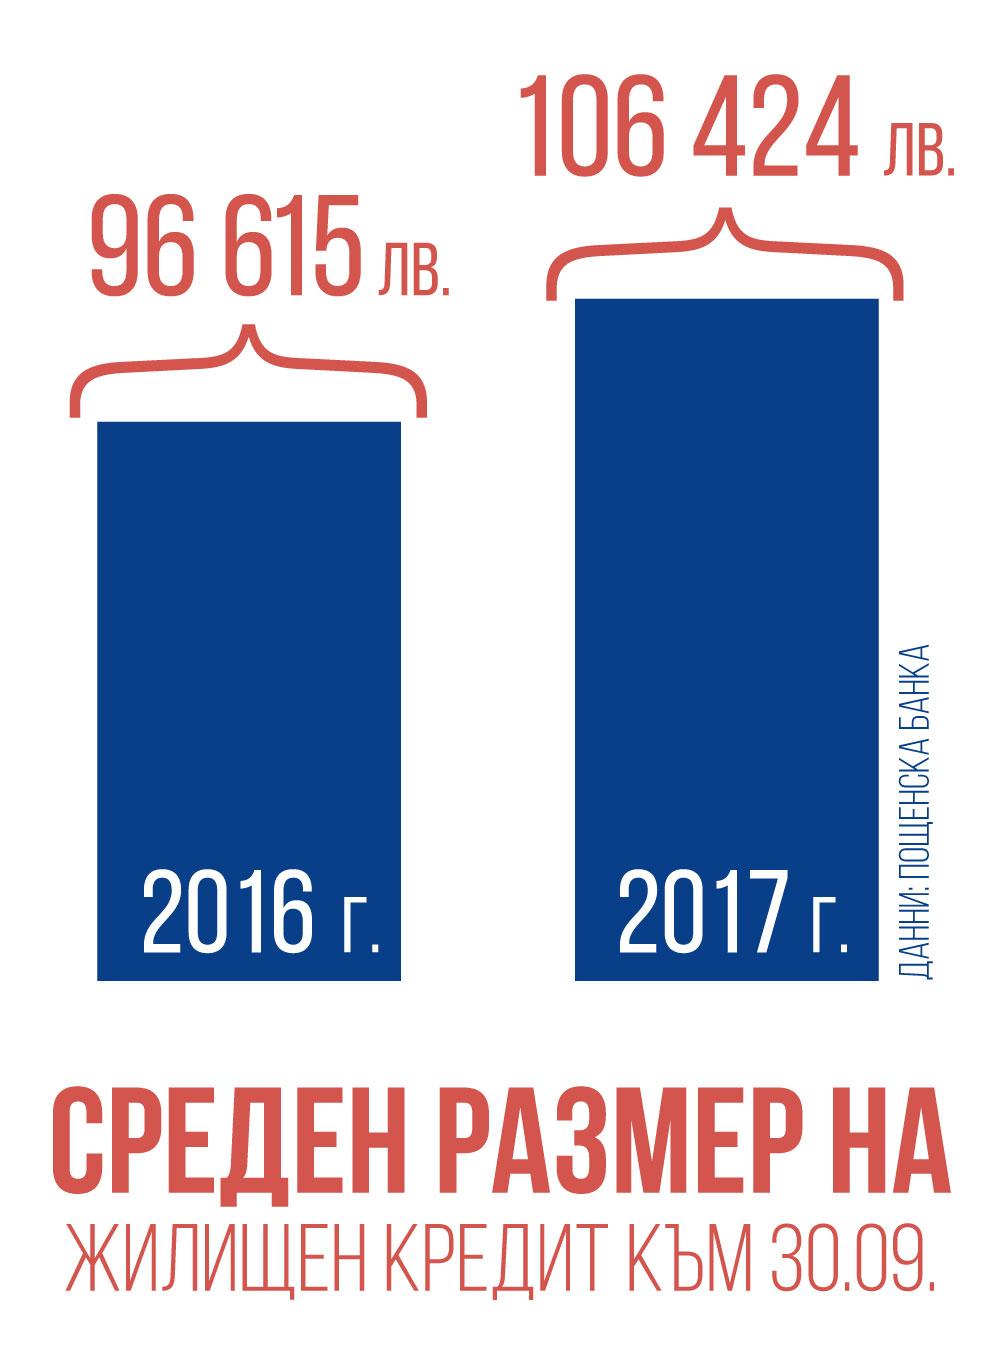 Sreden_razmer_jilishten_kredit_infografika